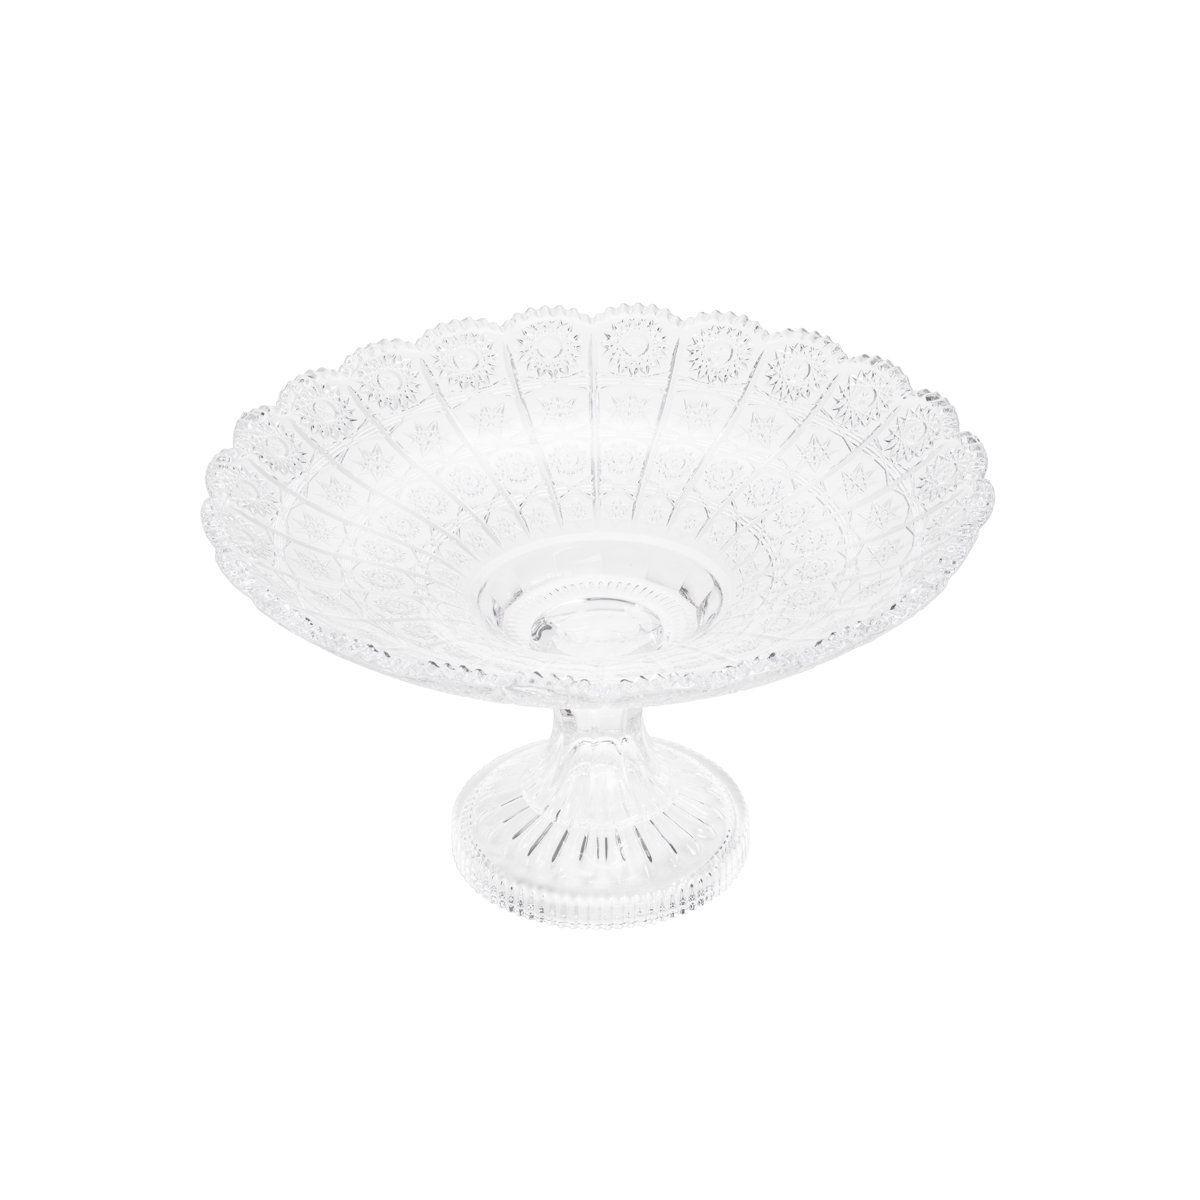 Centro de mesa 28 cm de cristal transparente com pé Starry Wolff - 30176